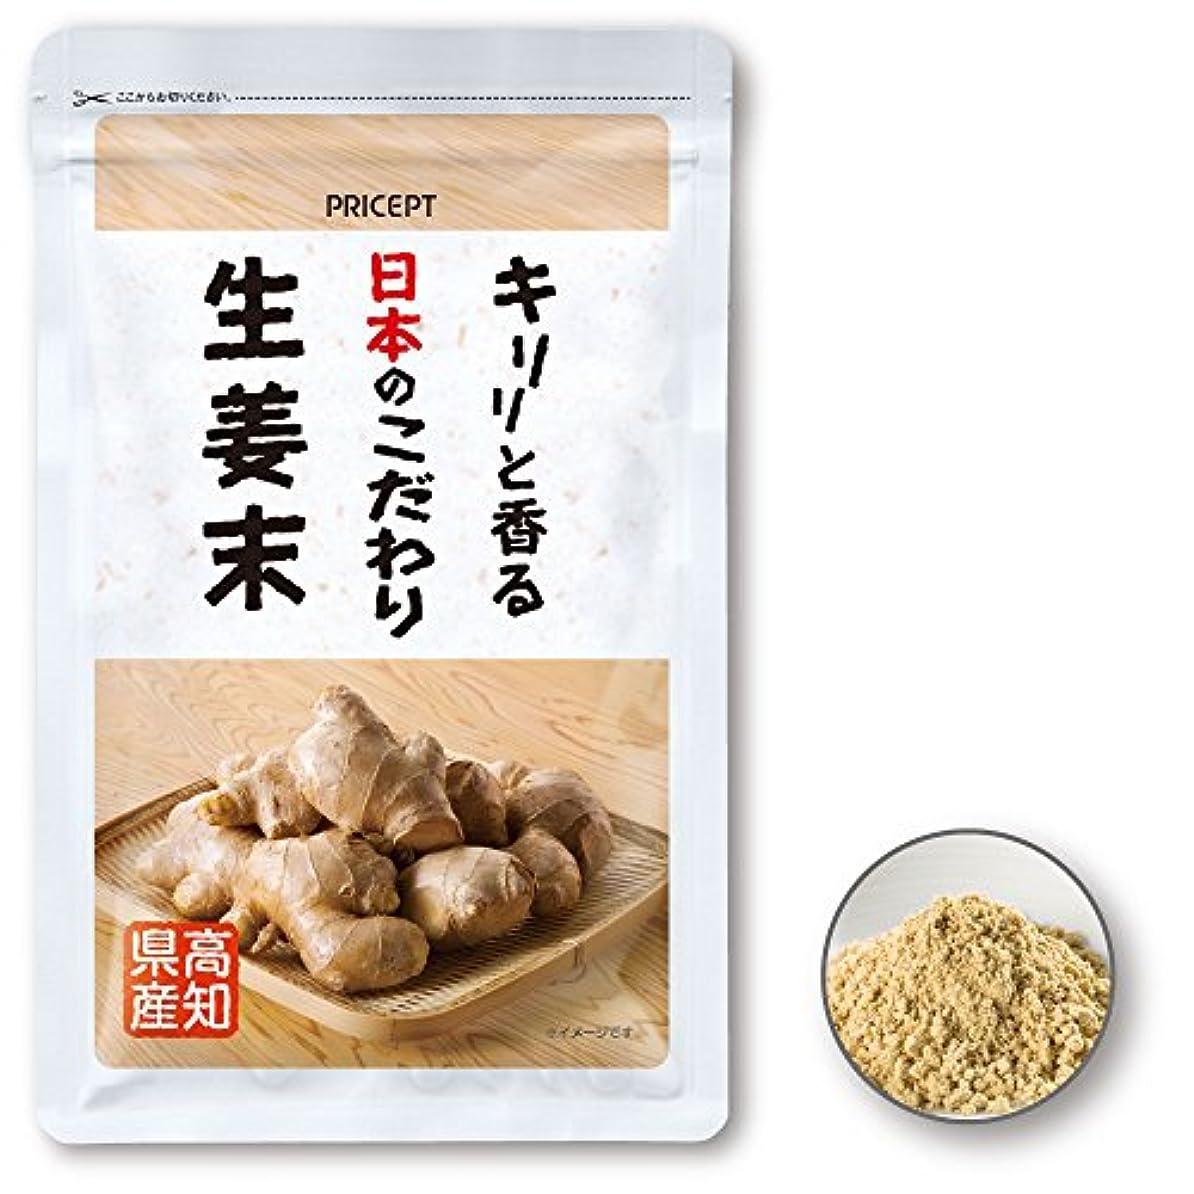 憲法永久おめでとうプリセプト キリリと香る日本のこだわり生姜末 50g(単品)(高知県産しょうが粉末)